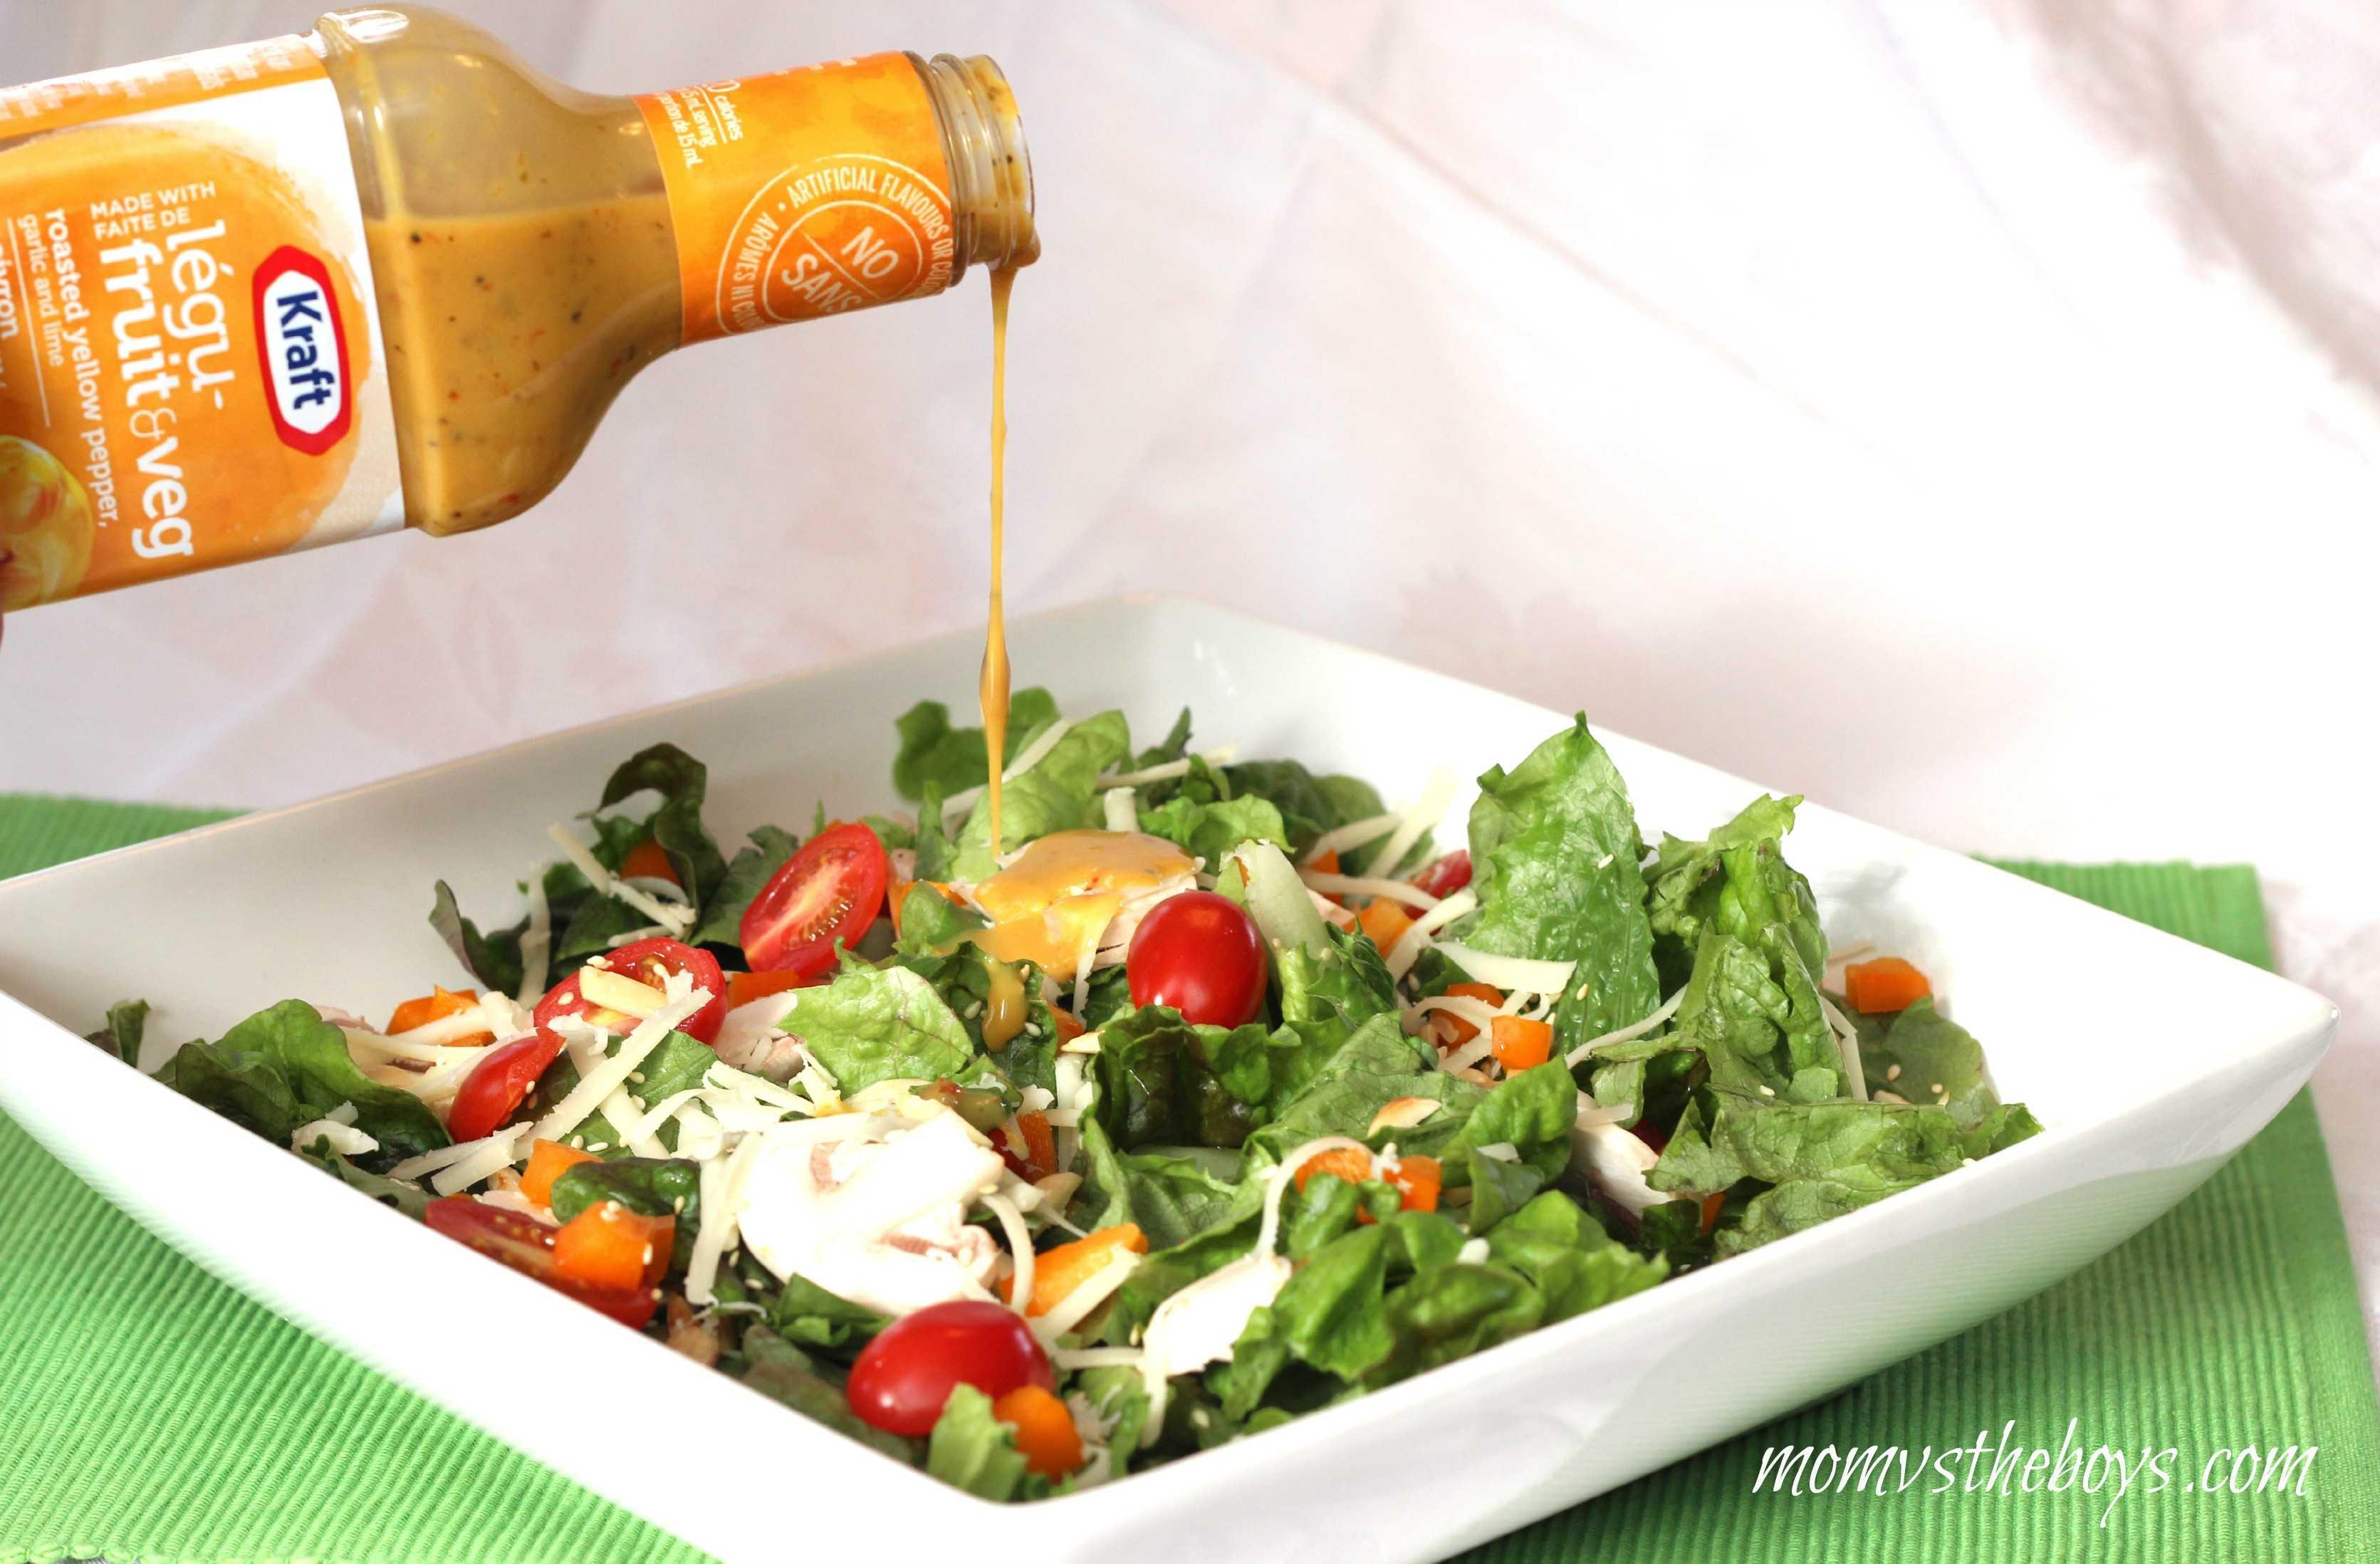 Заправка для греческого салата: топ-6 рецептов самых вкусных соусов - советдня